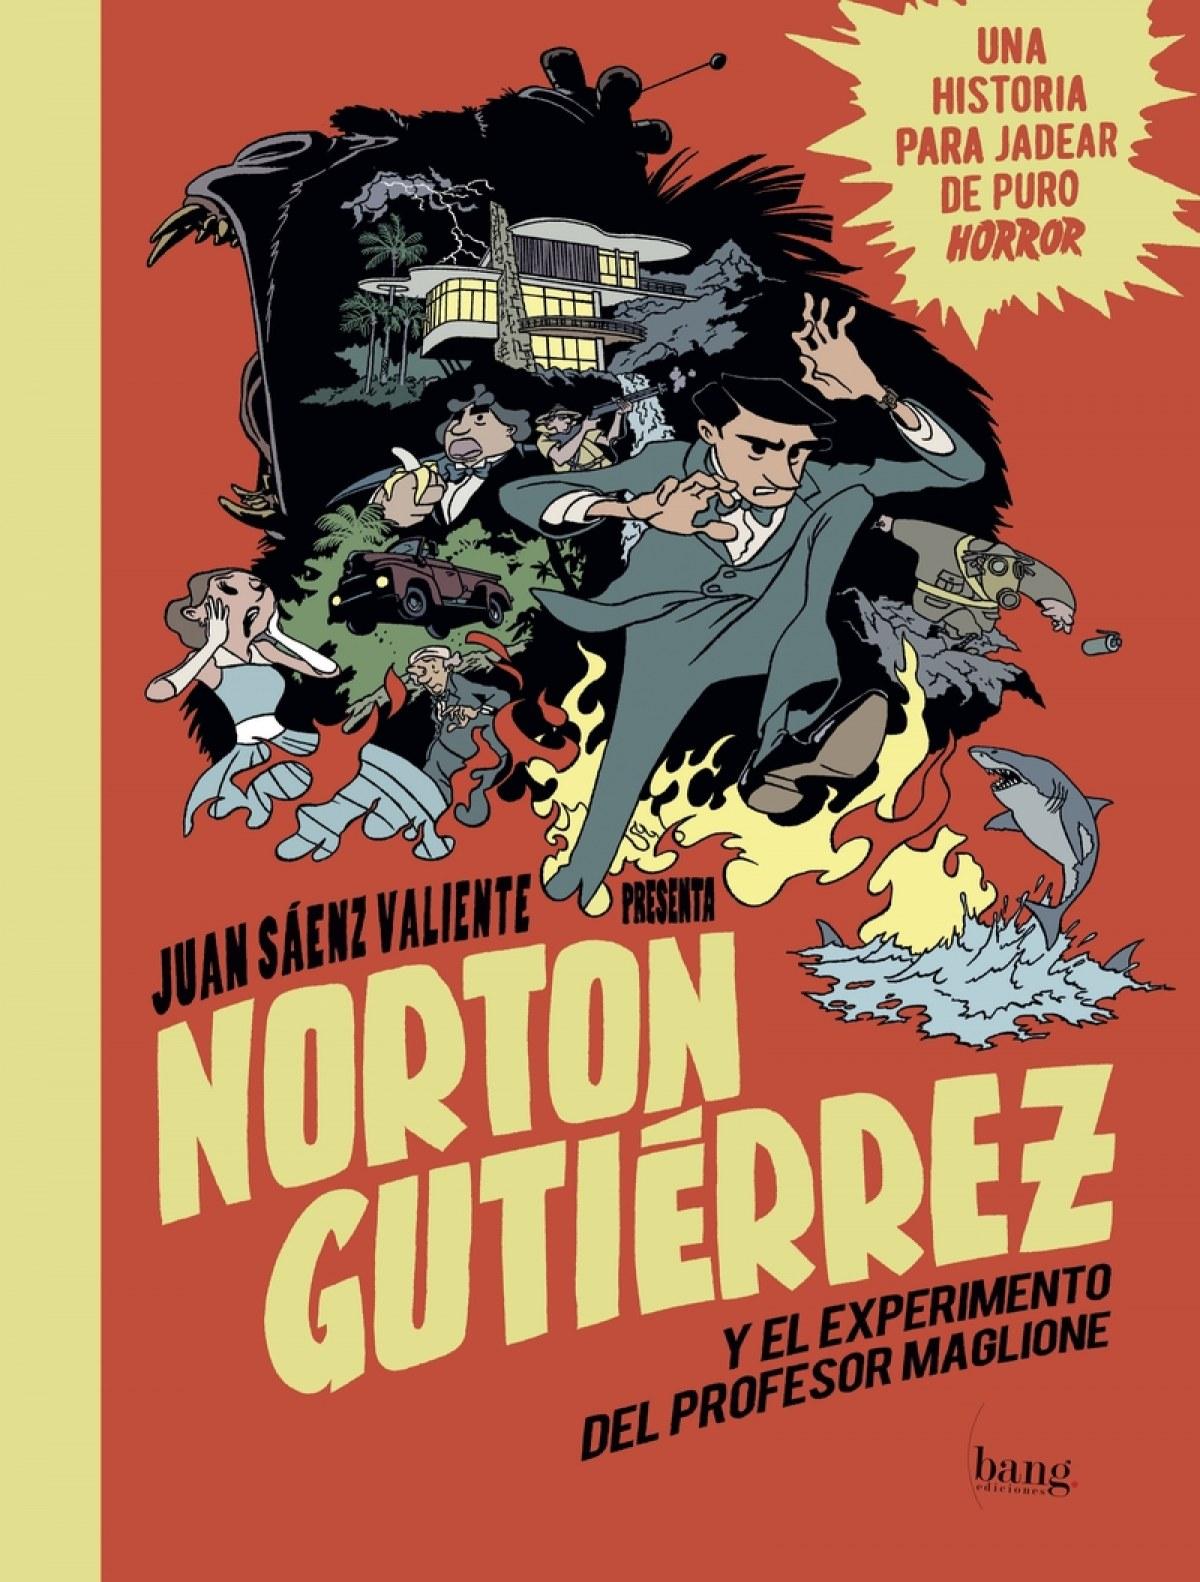 NORTON GUTIÈRREZ Y EL EXPERIMENTO DEL PROFESOR MAGLIONE